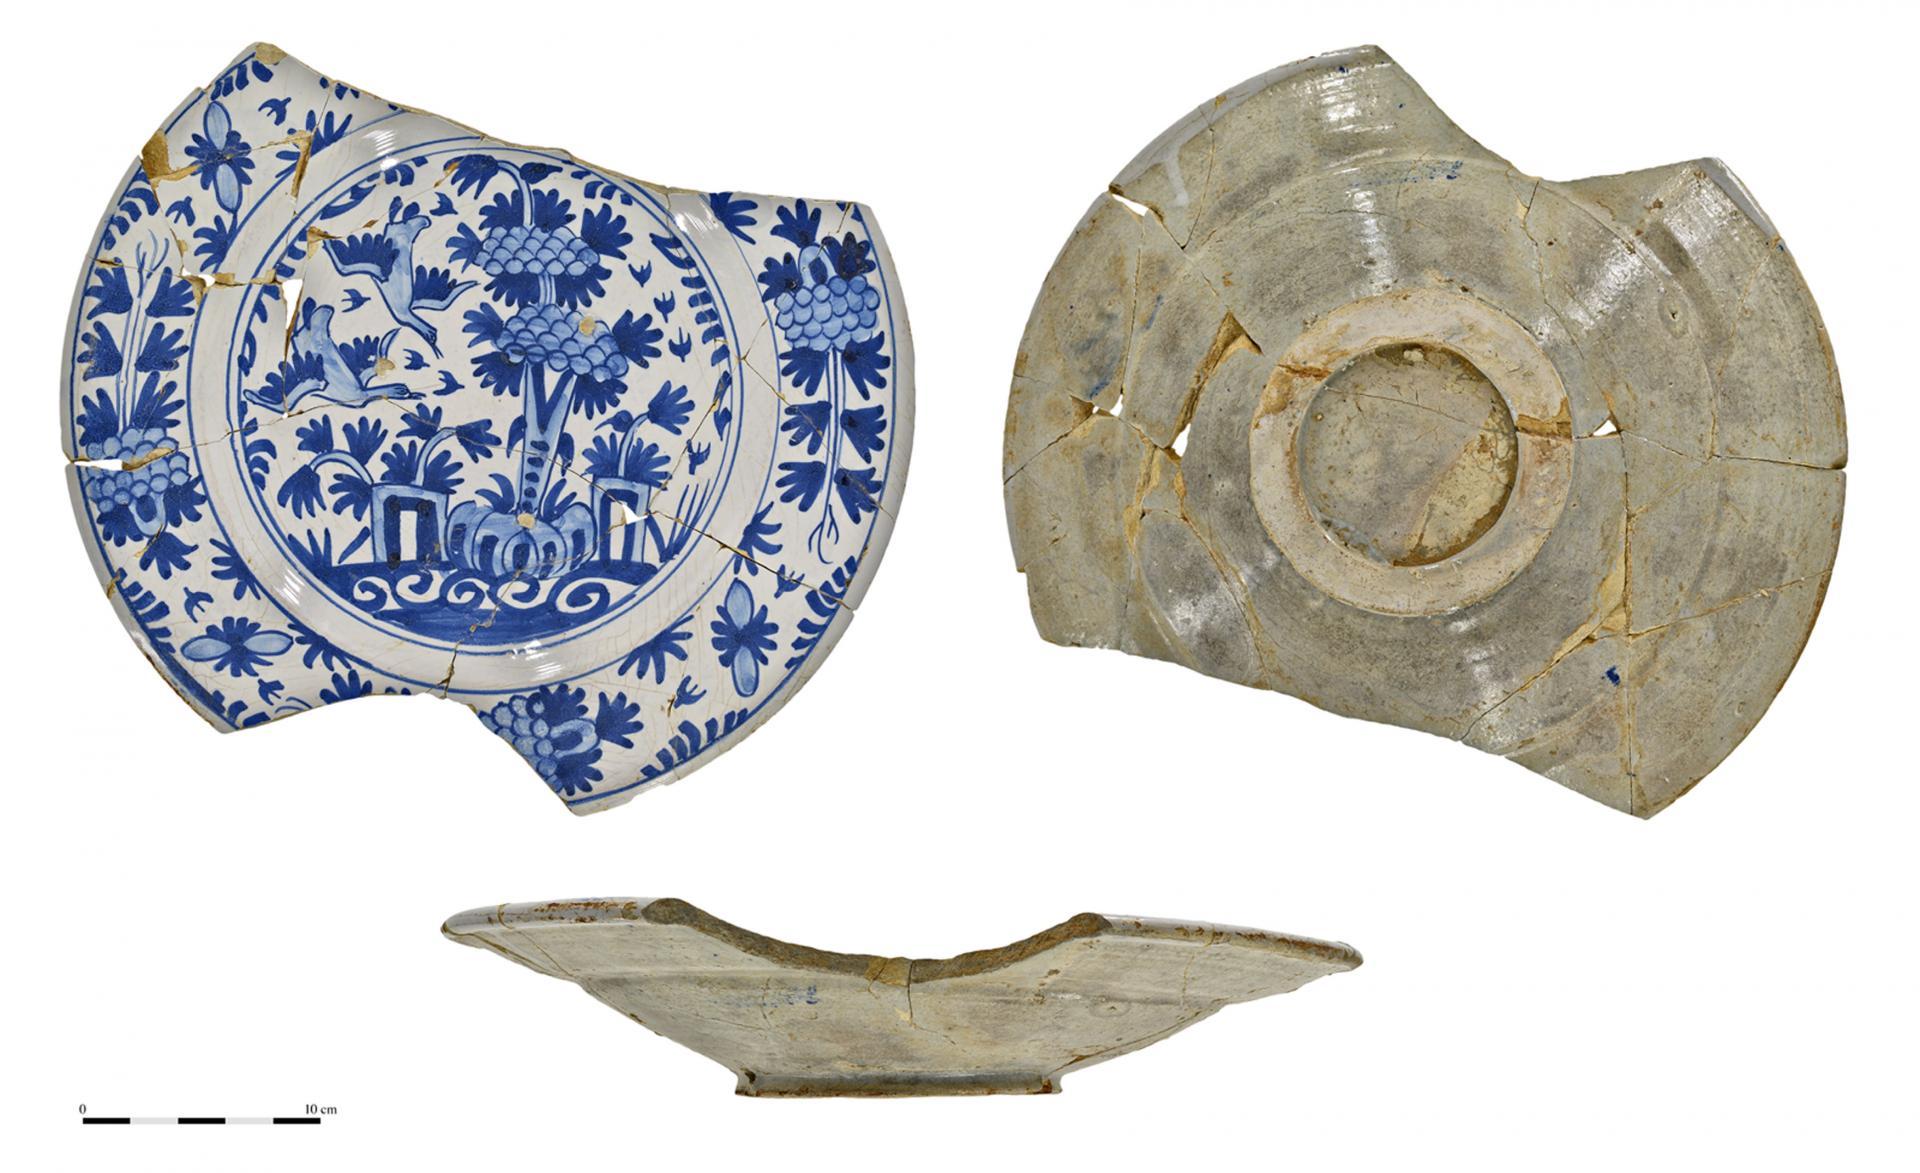 Plat en faïence de Delft du XVIe siècle. © Dominique Bossut, Inrap.